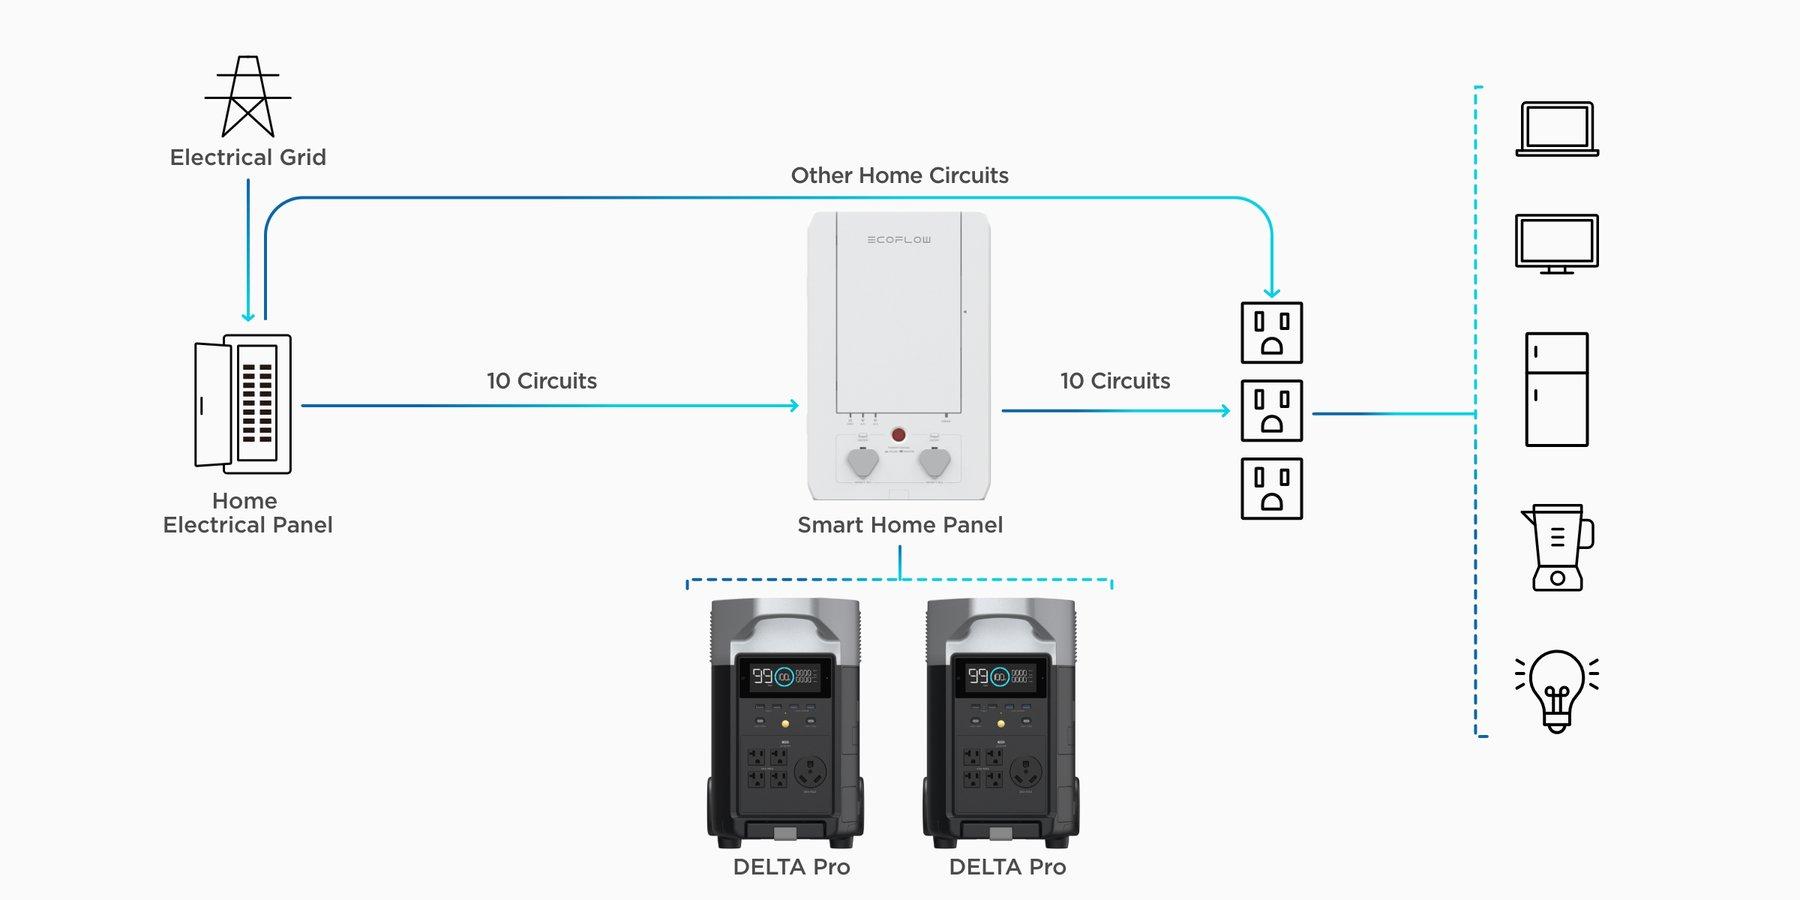 panneau ecoflow smart home domotique pour batterie homepower delta pro